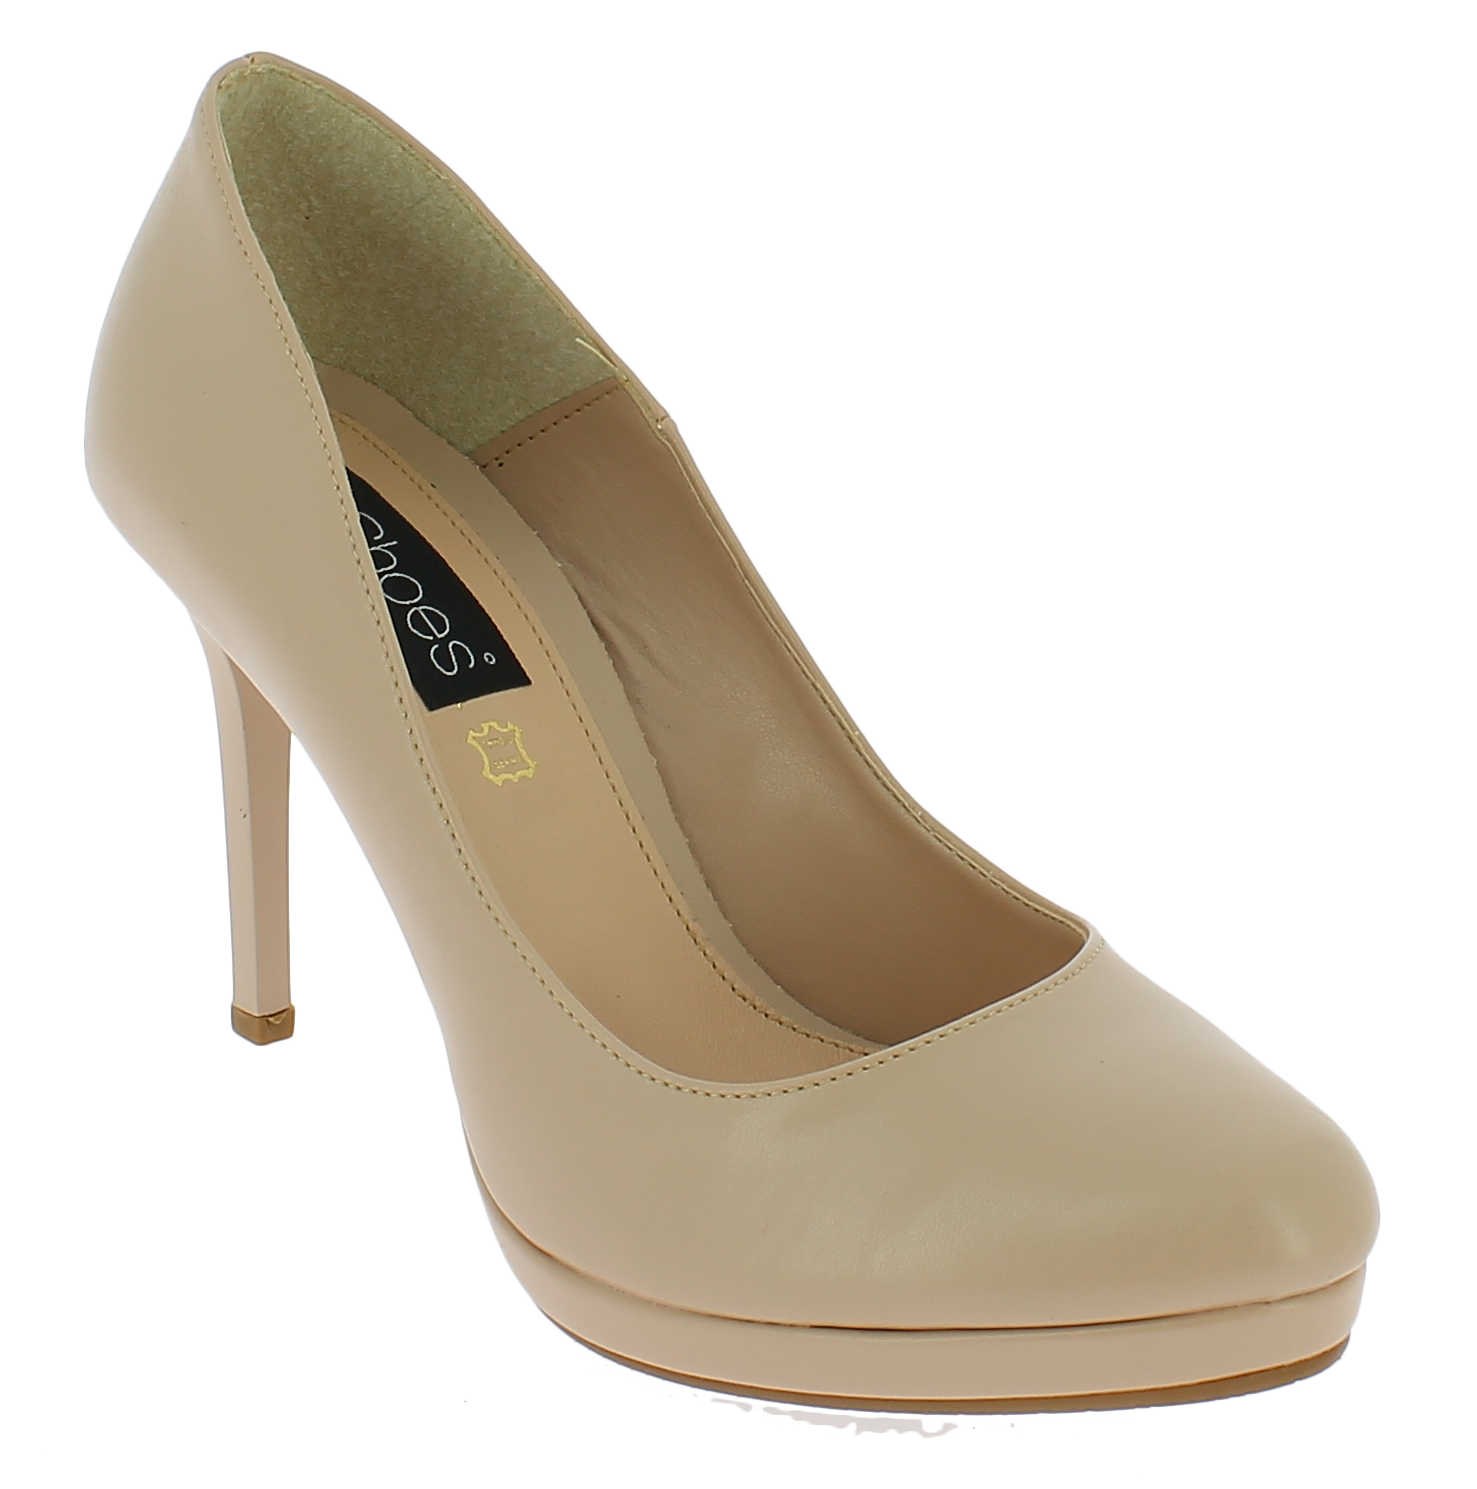 IQSHOES Γυναικεία Γόβα 1120 Μπεζ - IqShoes - 41.1120 BEIGE-beige-36/1/7/7 παπούτσια  γόβες